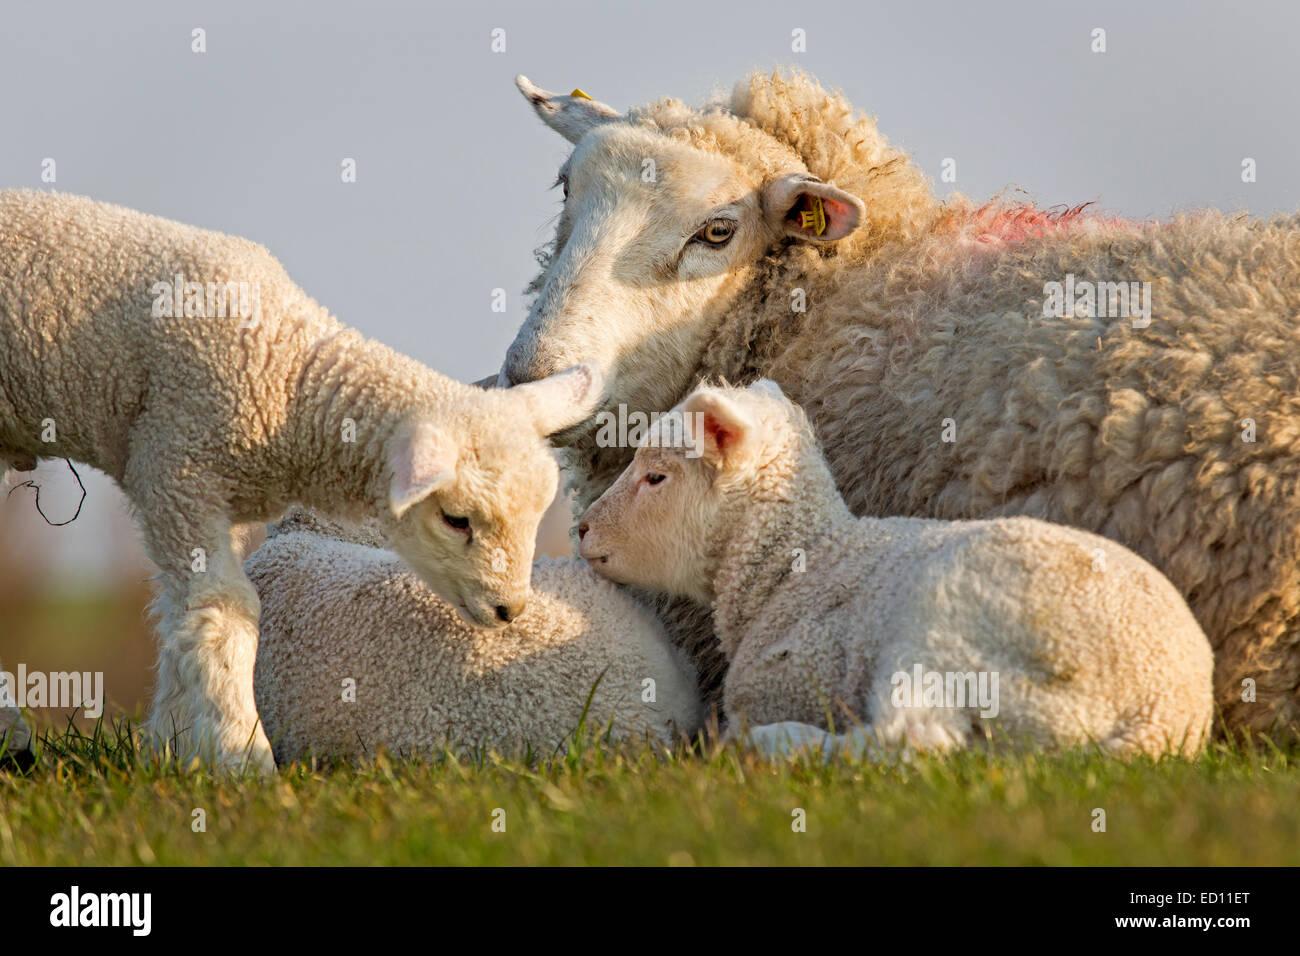 Pecora con animali giovani, Frisia settentrionale, Schleswig-Holstein, Germania, Europa Immagini Stock